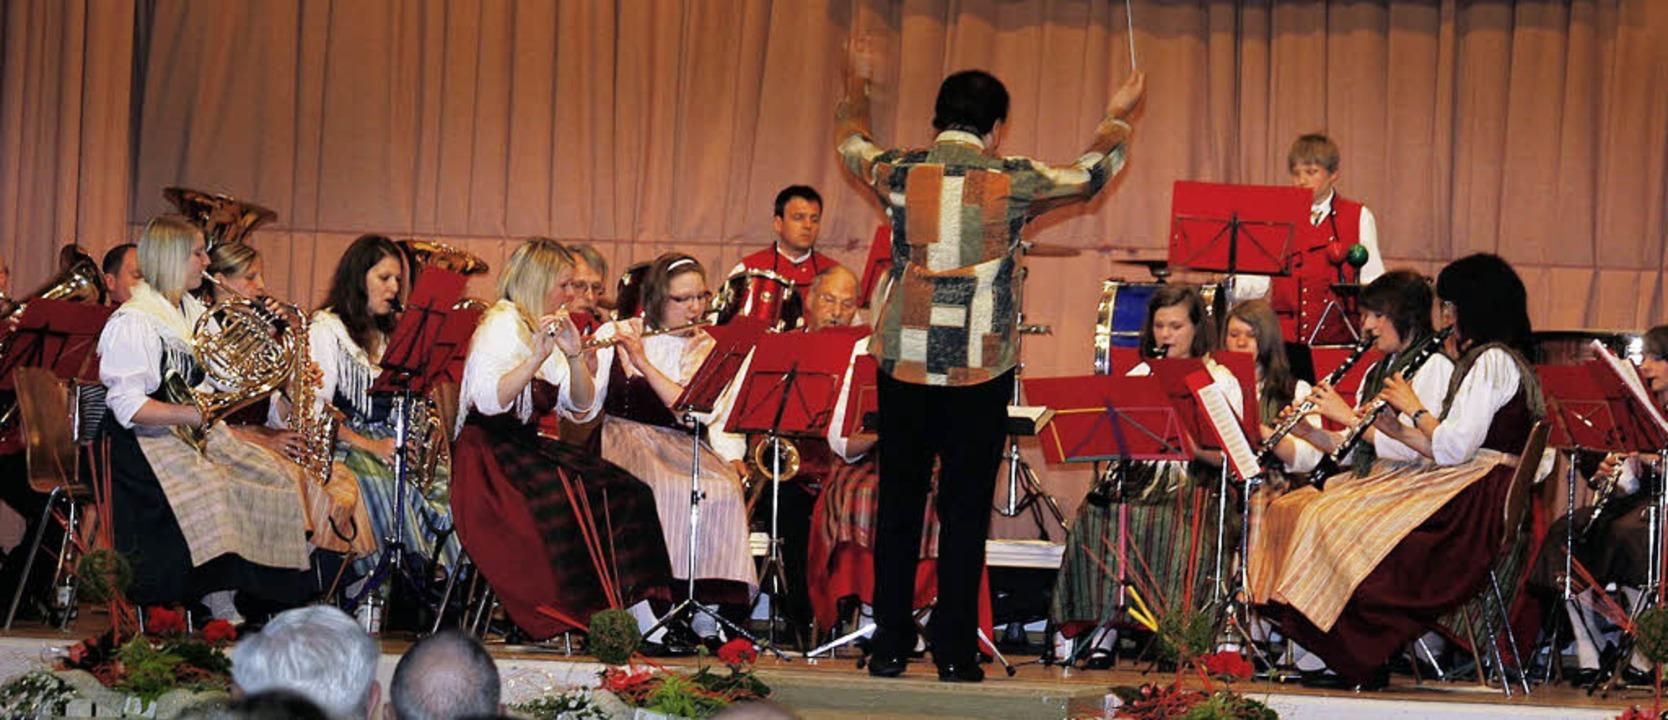 Der Musikverein Trachtenkapelle Dörlinbach beim Frühjahrskonzert.   | Foto: Heidi Fössel